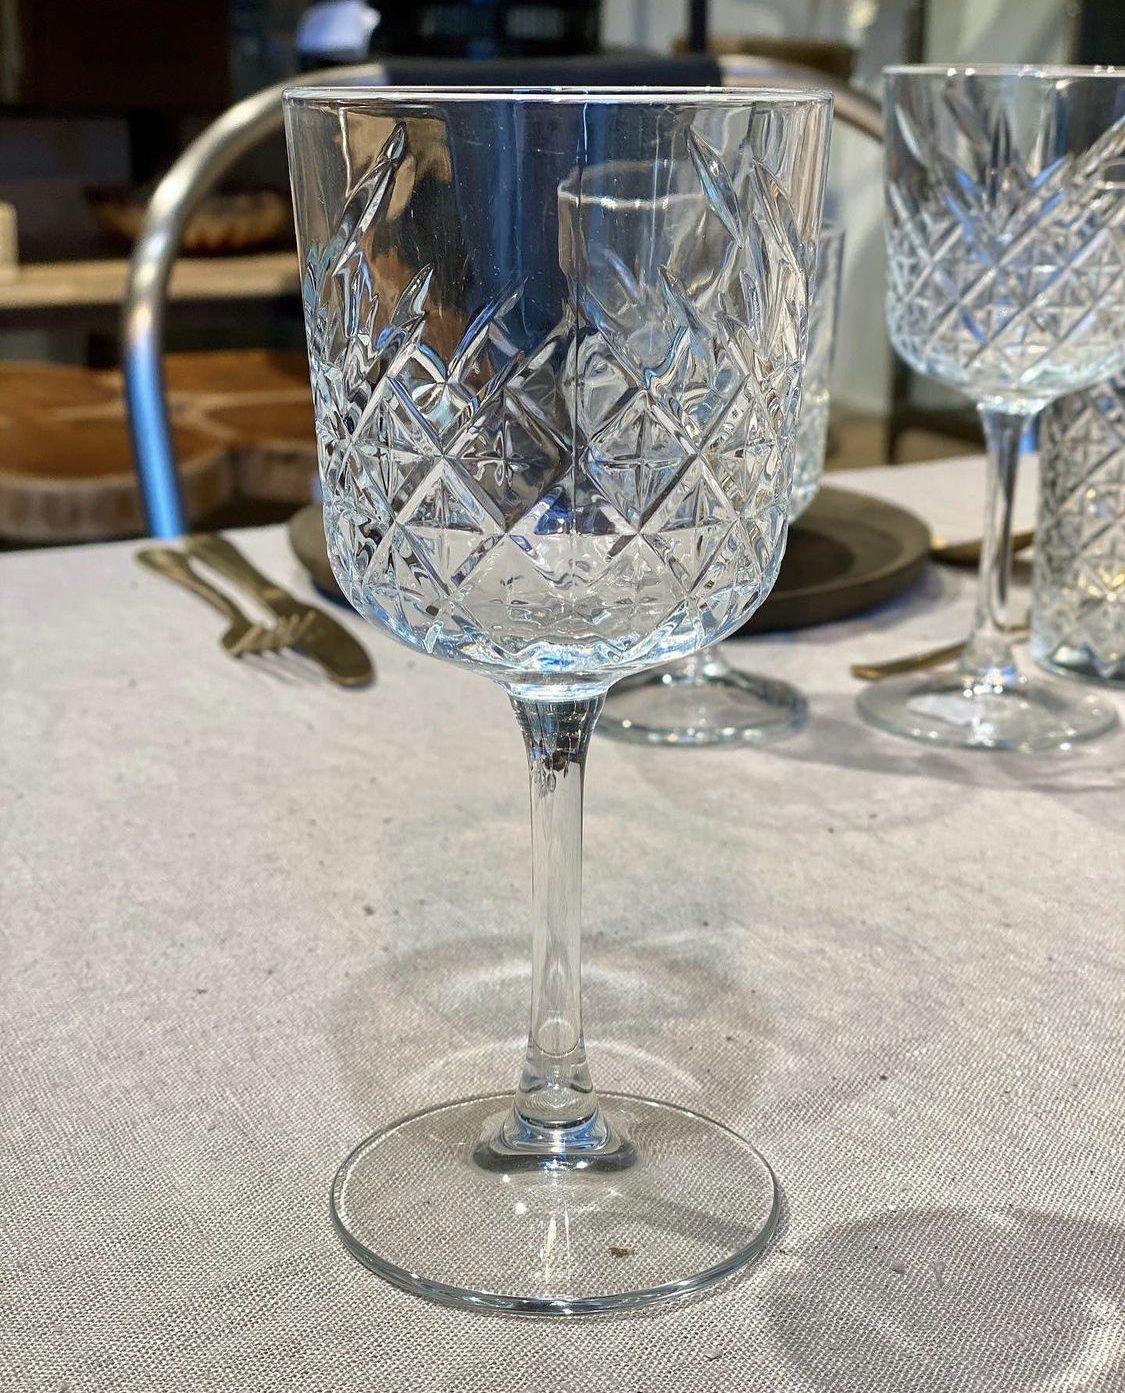 Christian den 8. rødvinsglas med halvfacetslebet kumme